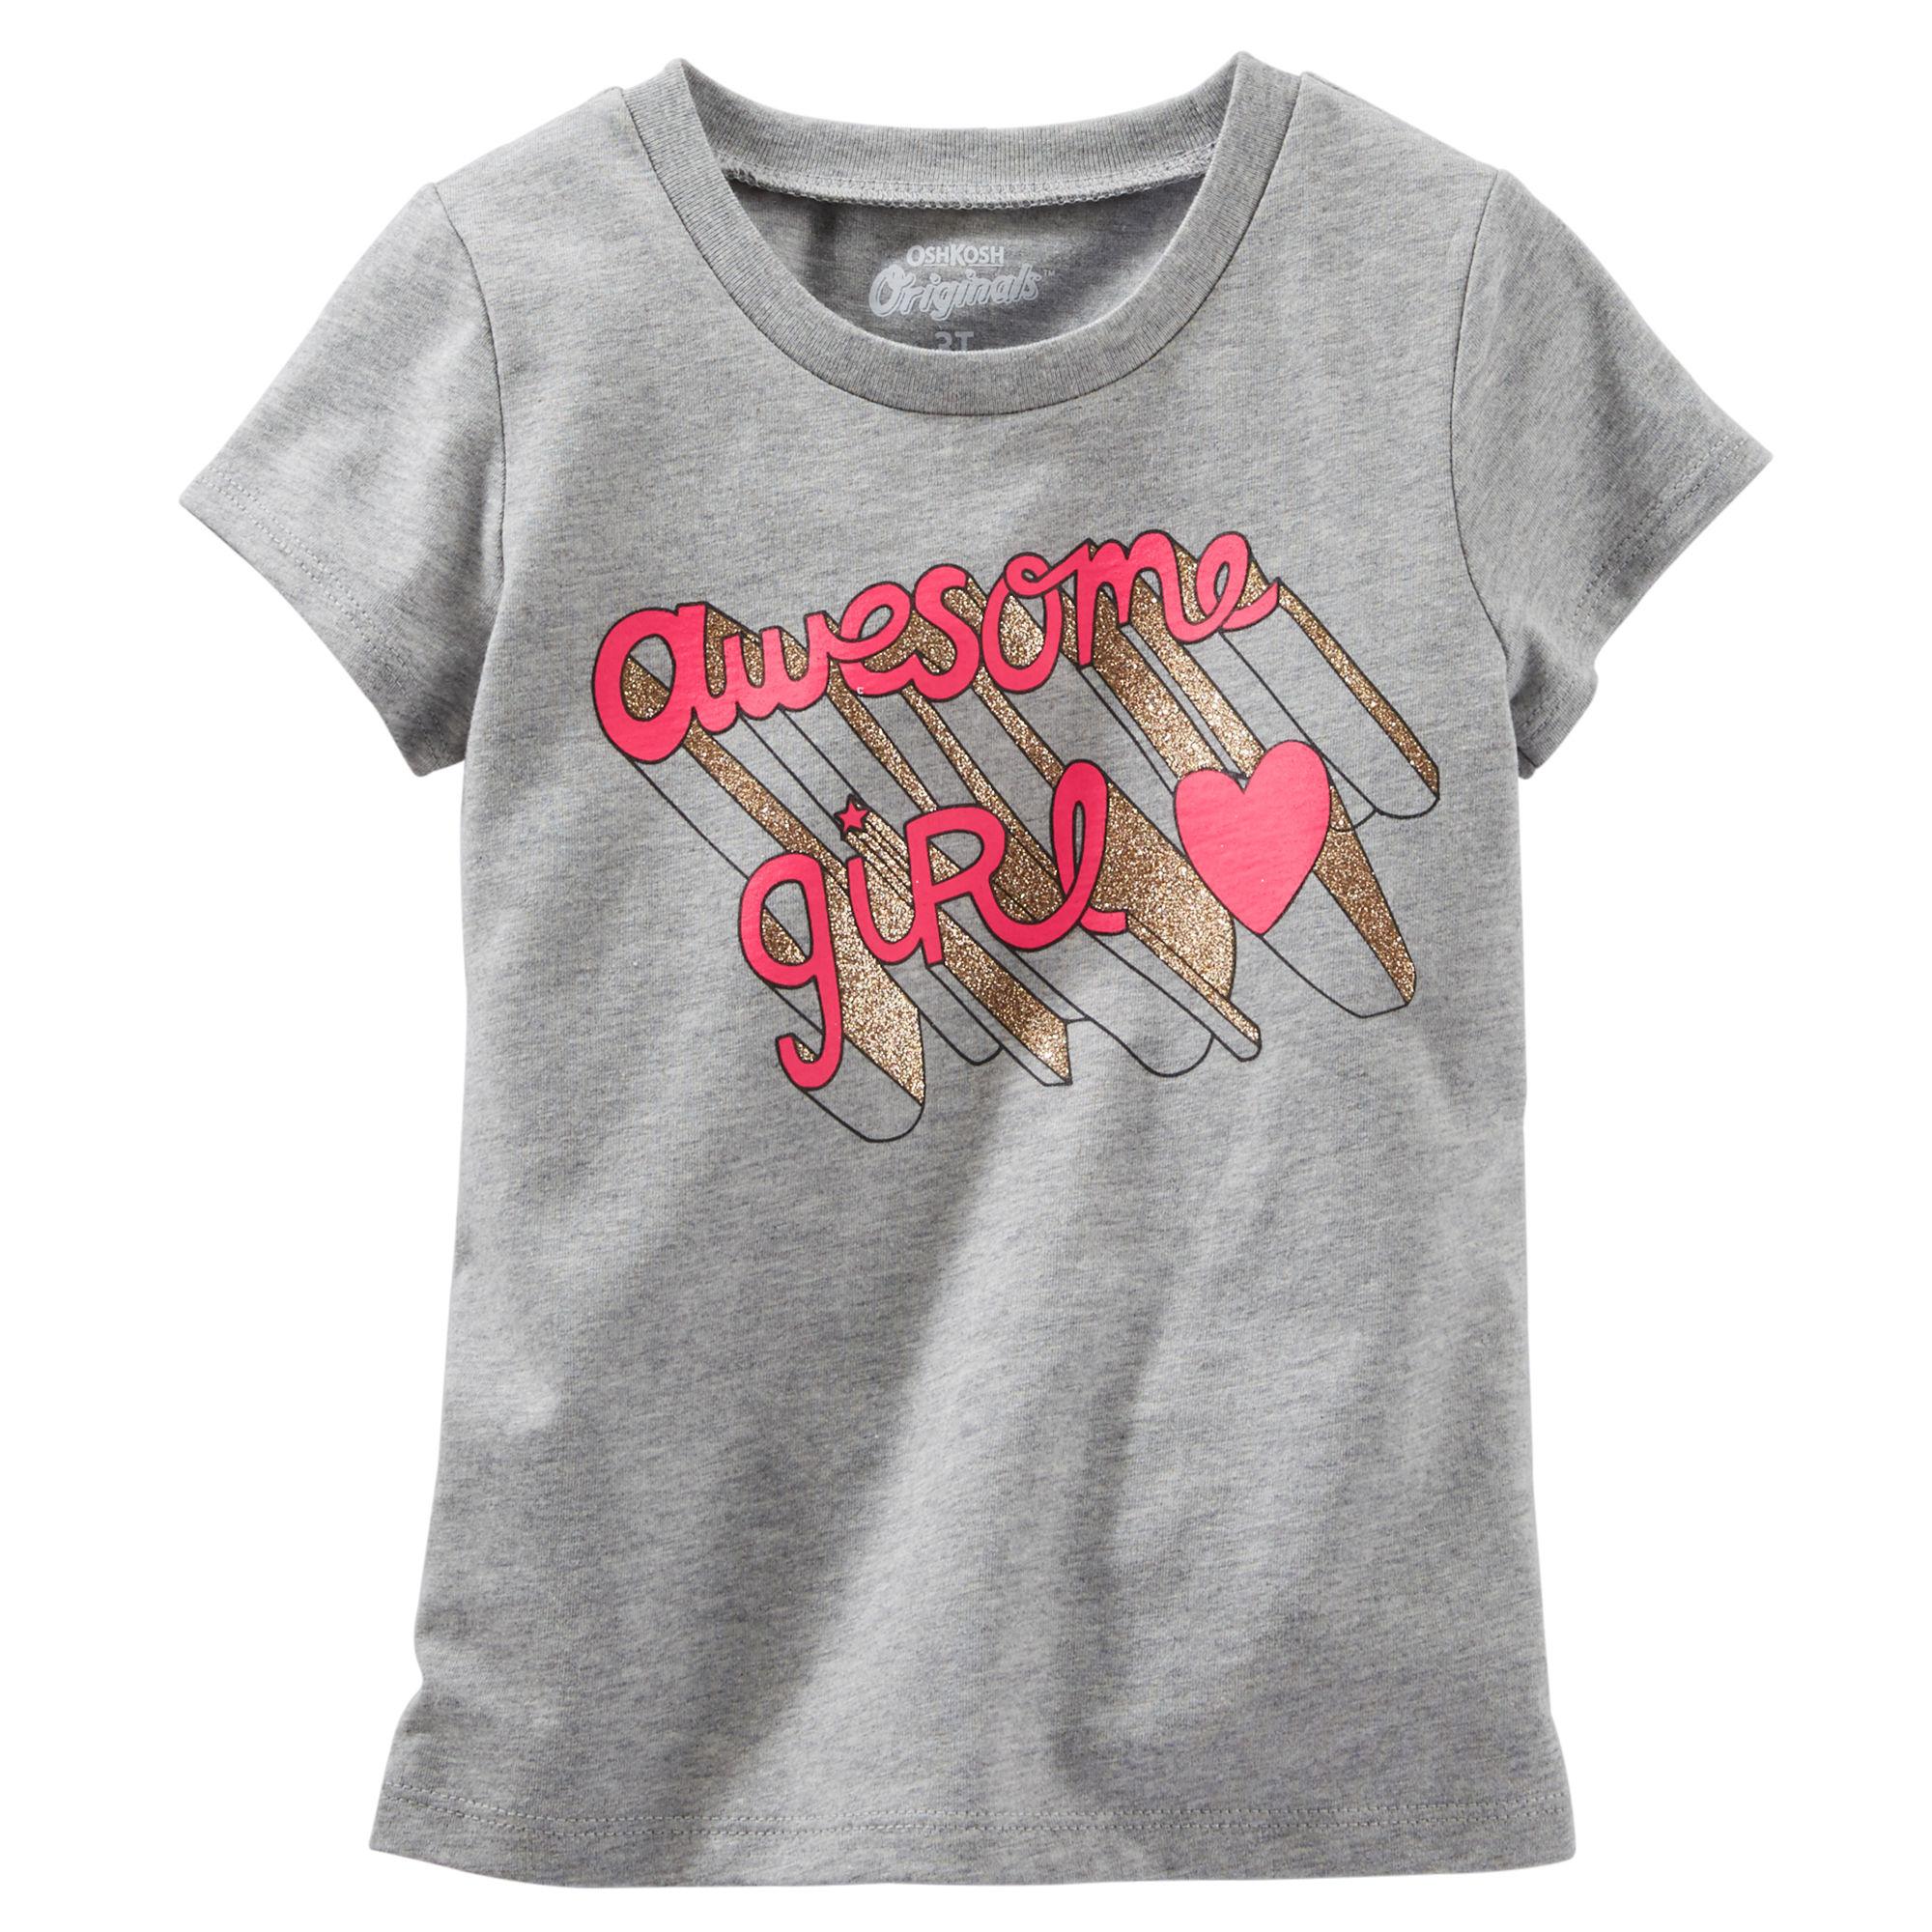 6b5a1789645e Oshkosh Dievčenské tričko s ružovým nápisom - šedé